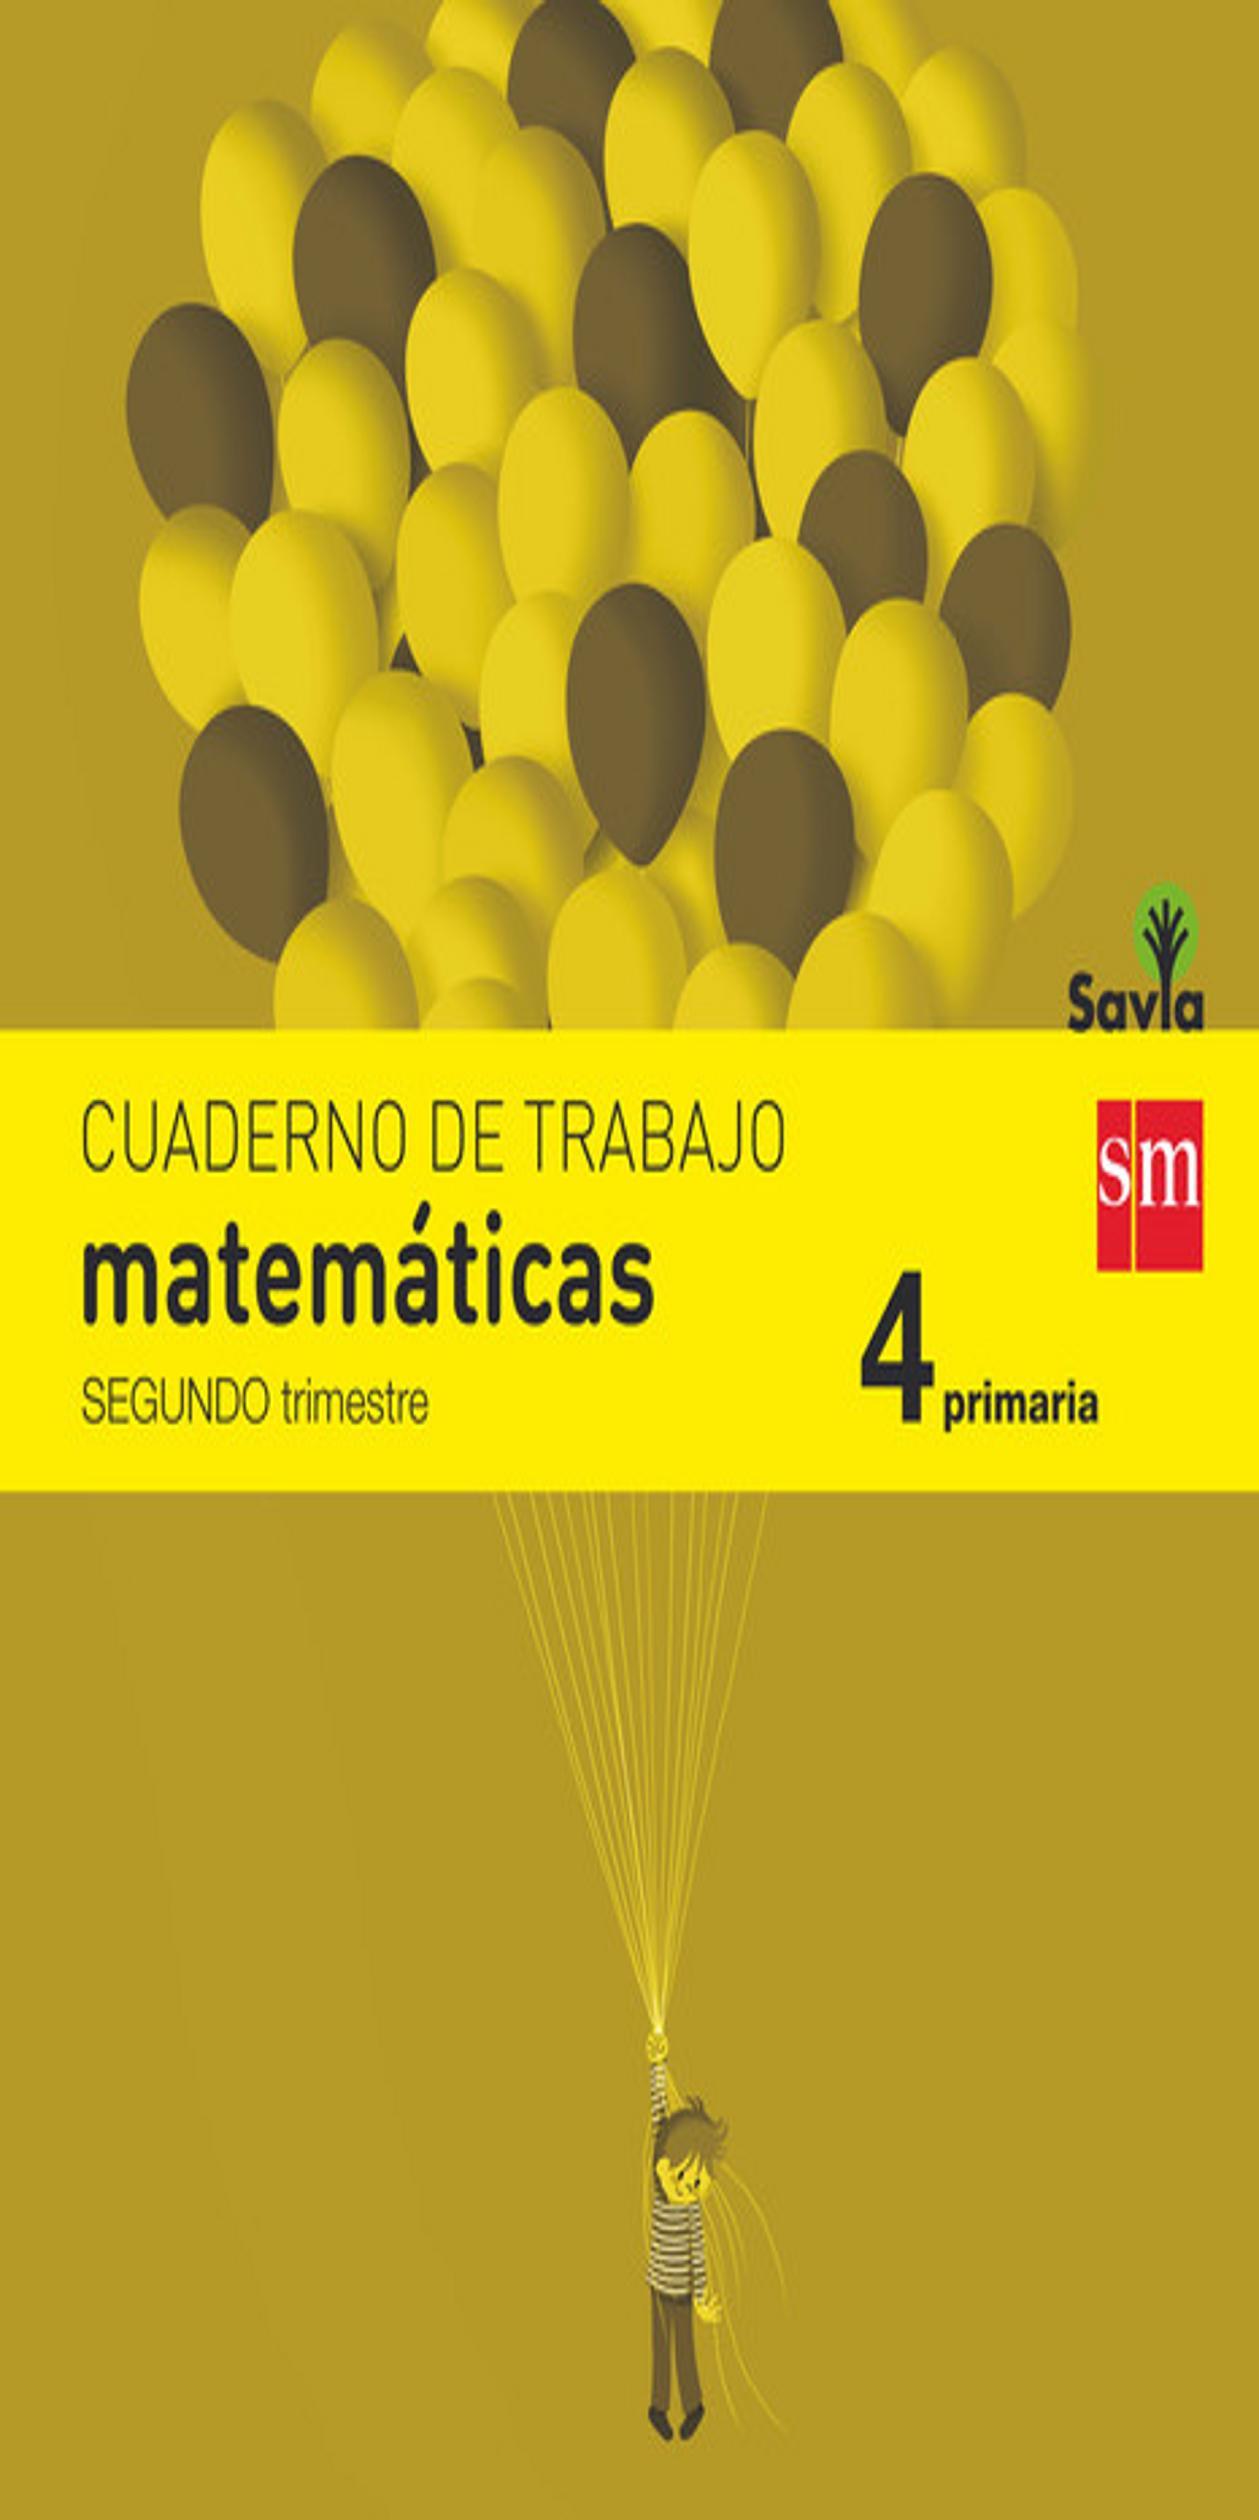 CUADERNO MATEMÁTICAS 4º PRIM 2do Trimestre - Proyecto Savia